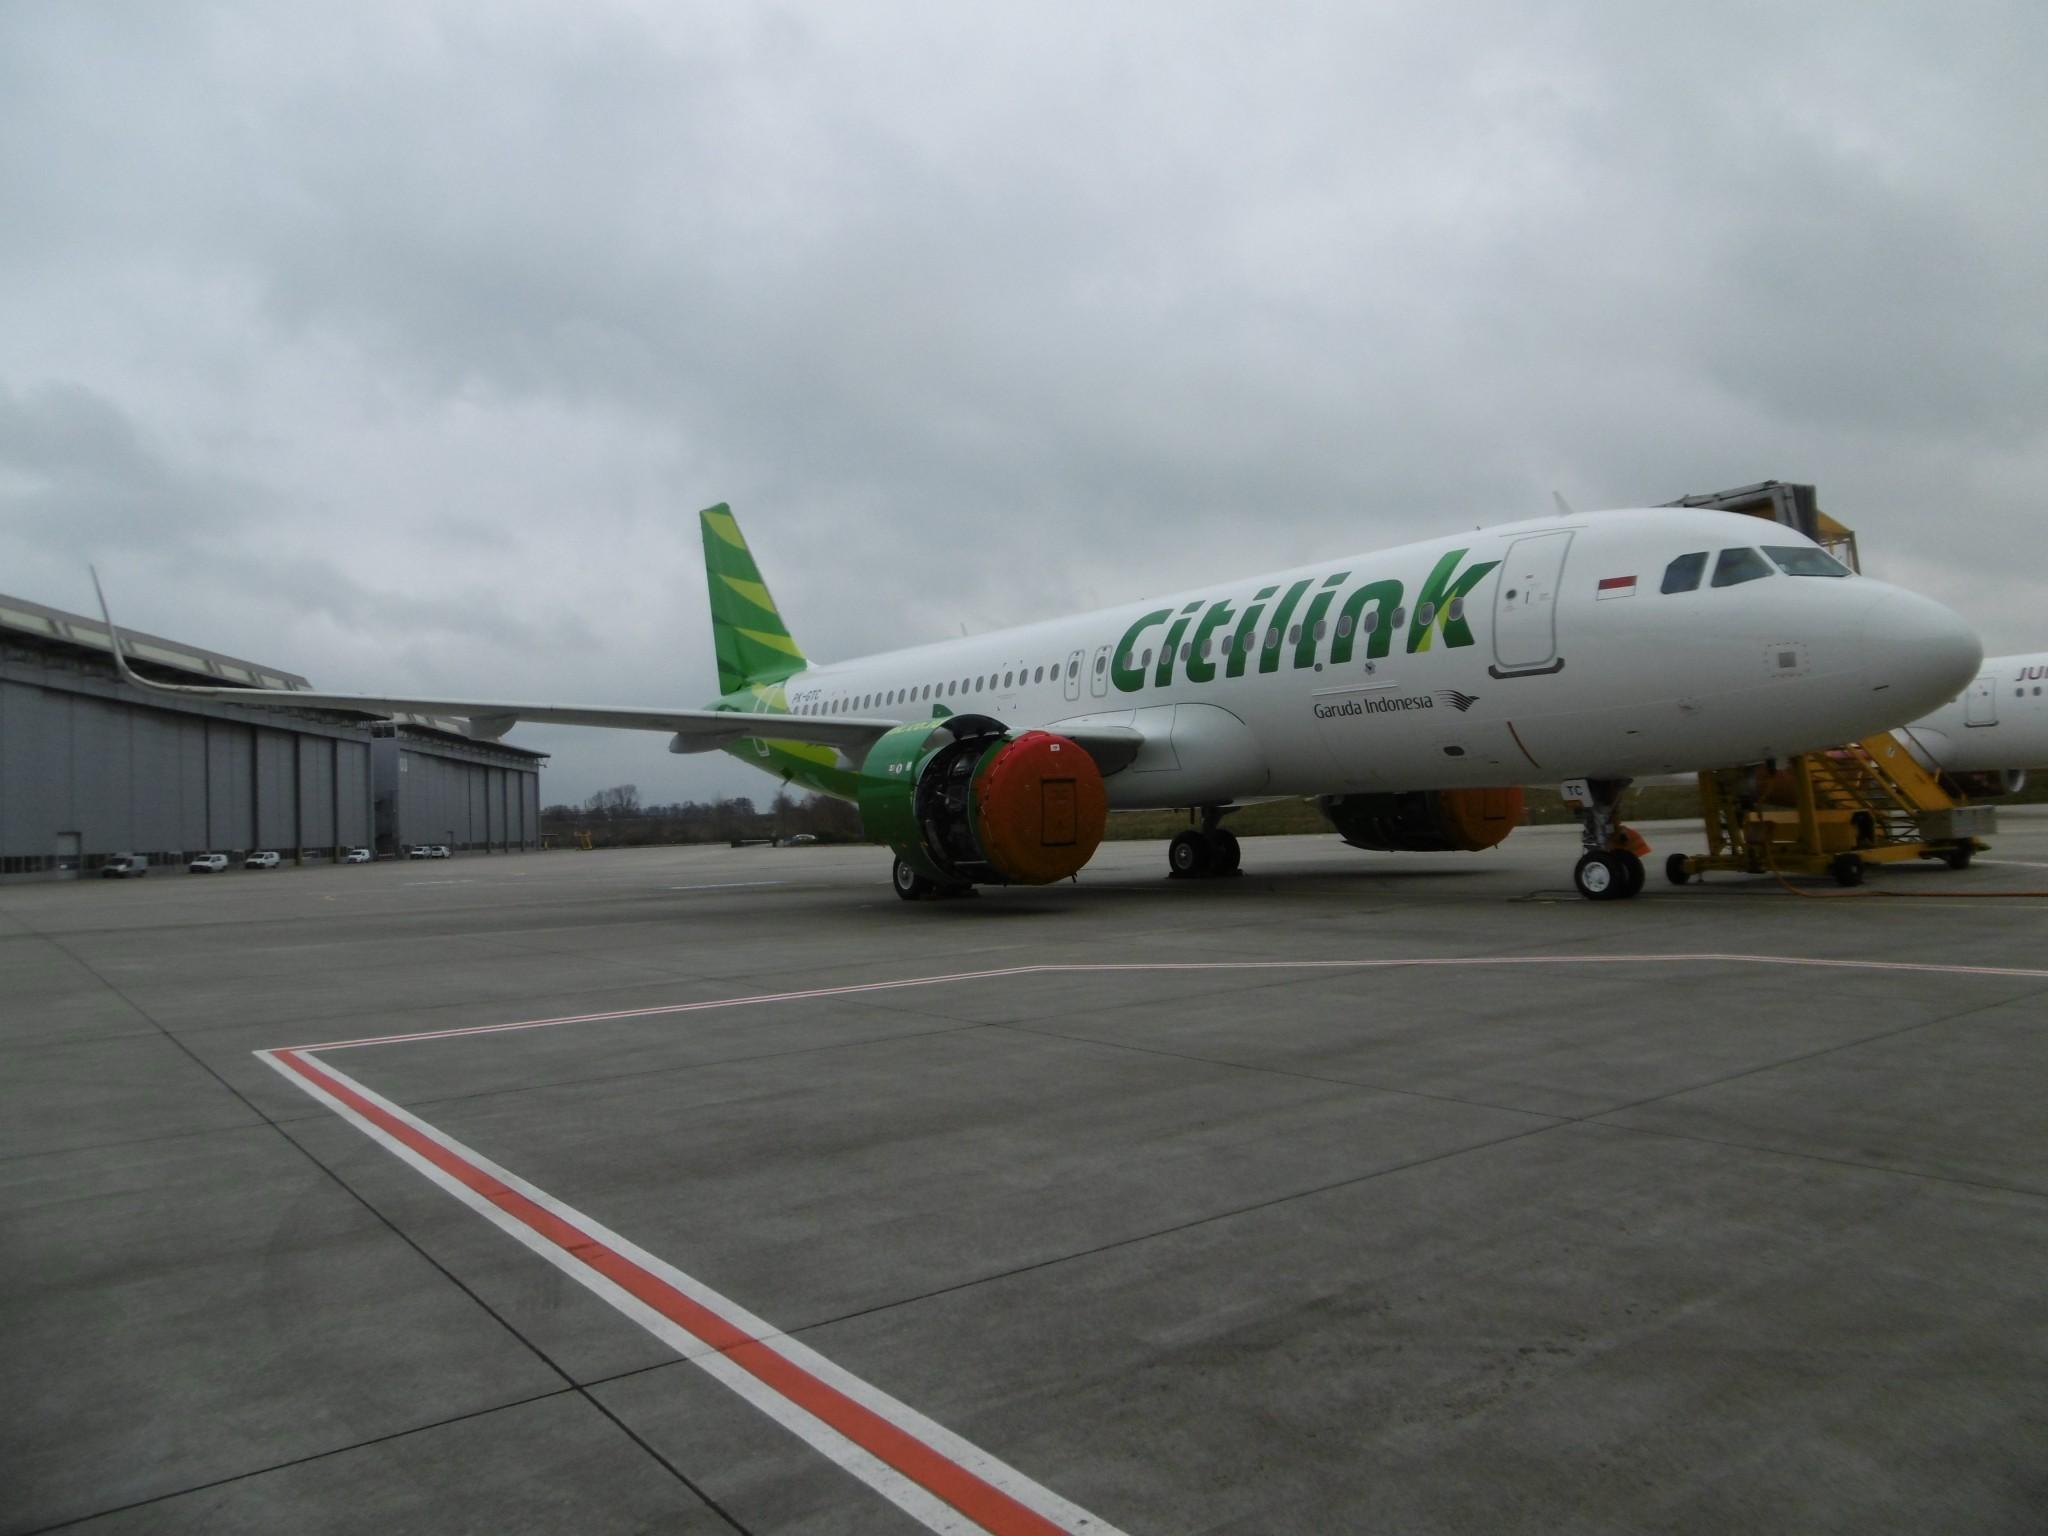 Garuda A320-200Neo Delivery by Avolon 8.3.17